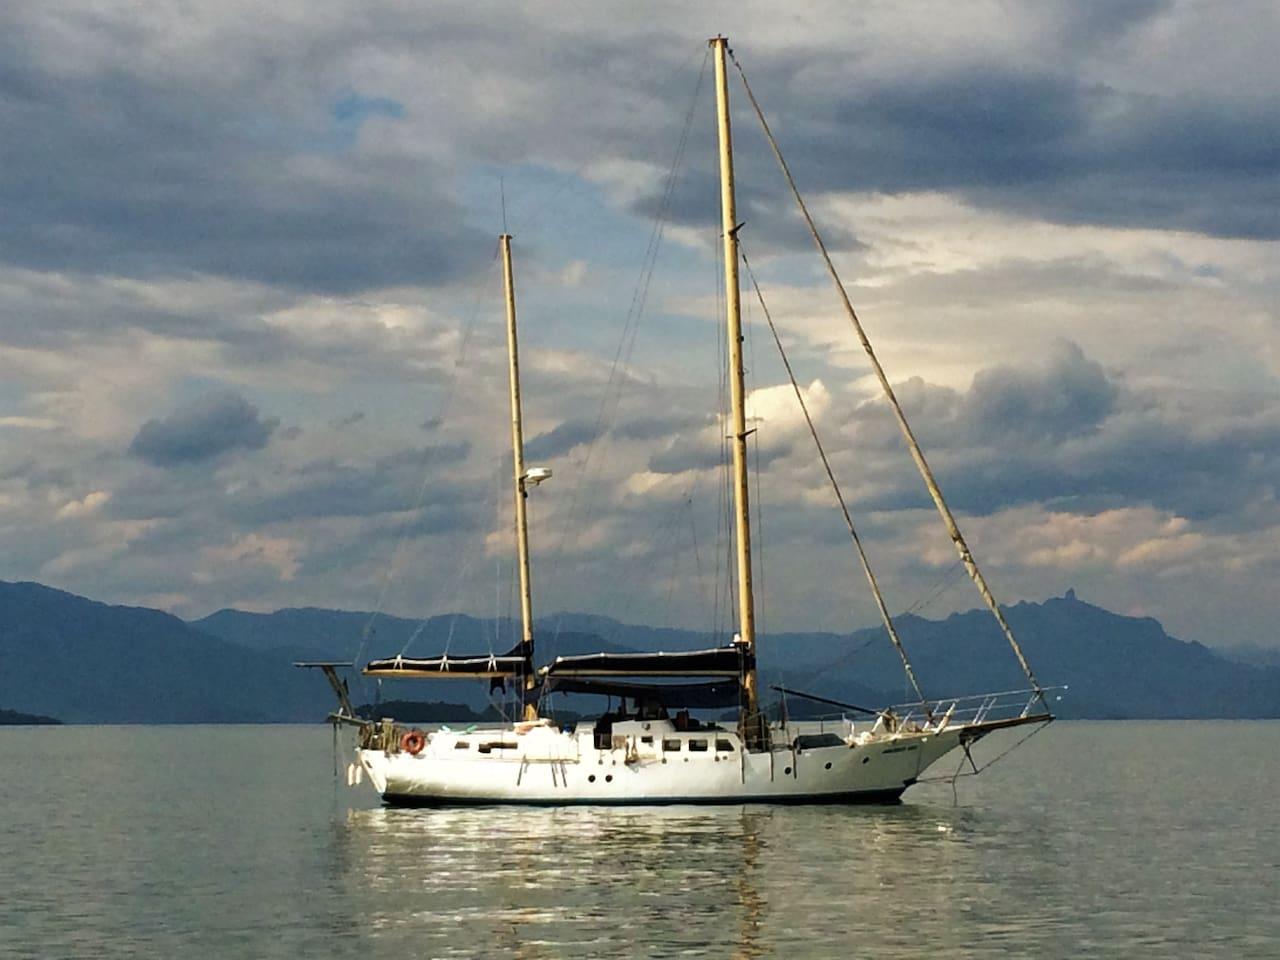 Horizonte Azul anchored in Paraty bay